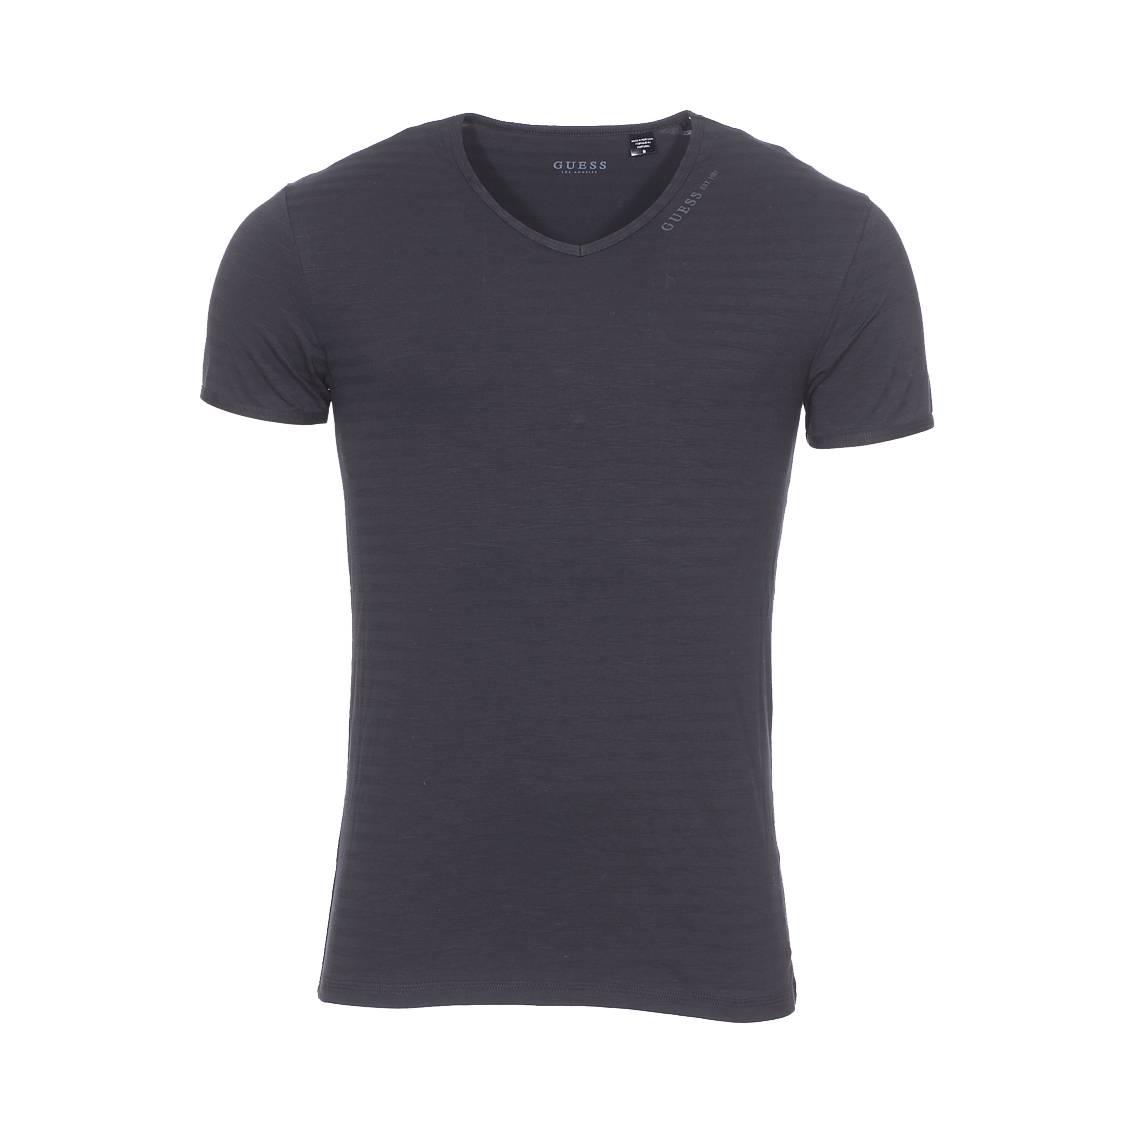 Tee-shirt col v guess en coton stretch noir à rayures ton sur ton